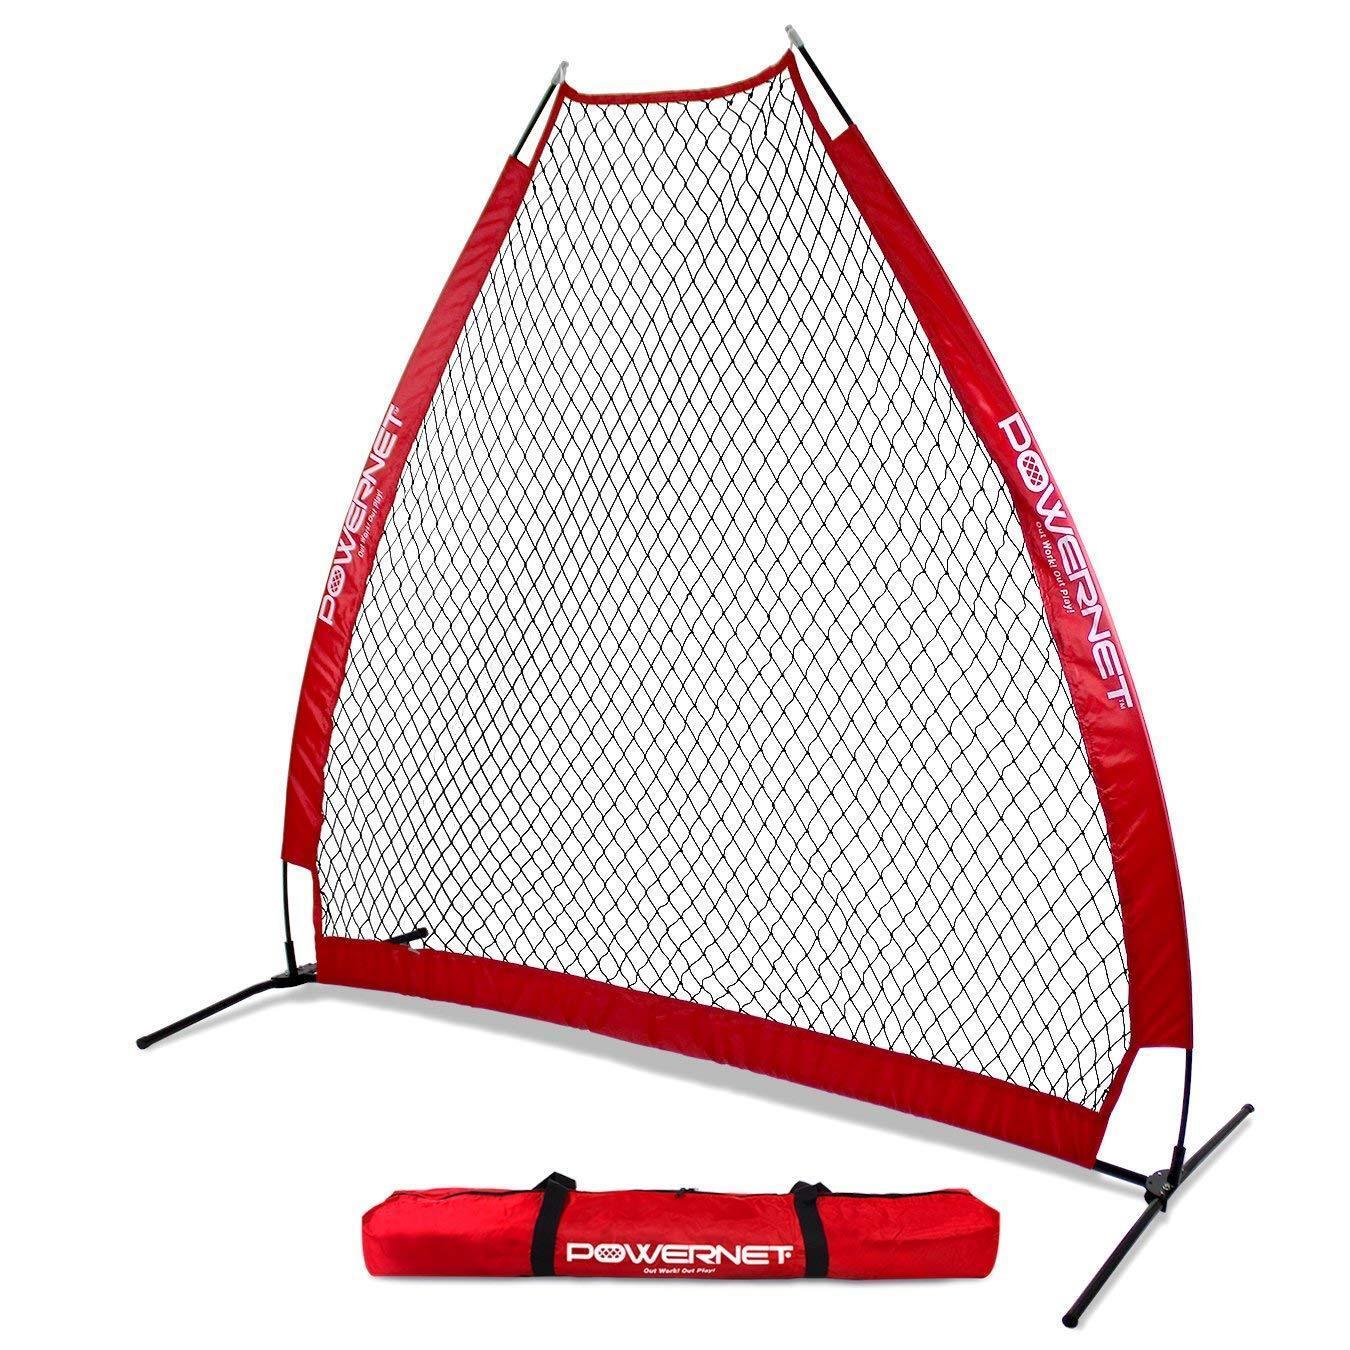 Powernet portátil projoección de lanzamiento de béisbol a-Frame Pantalla Net   Colors del equipo